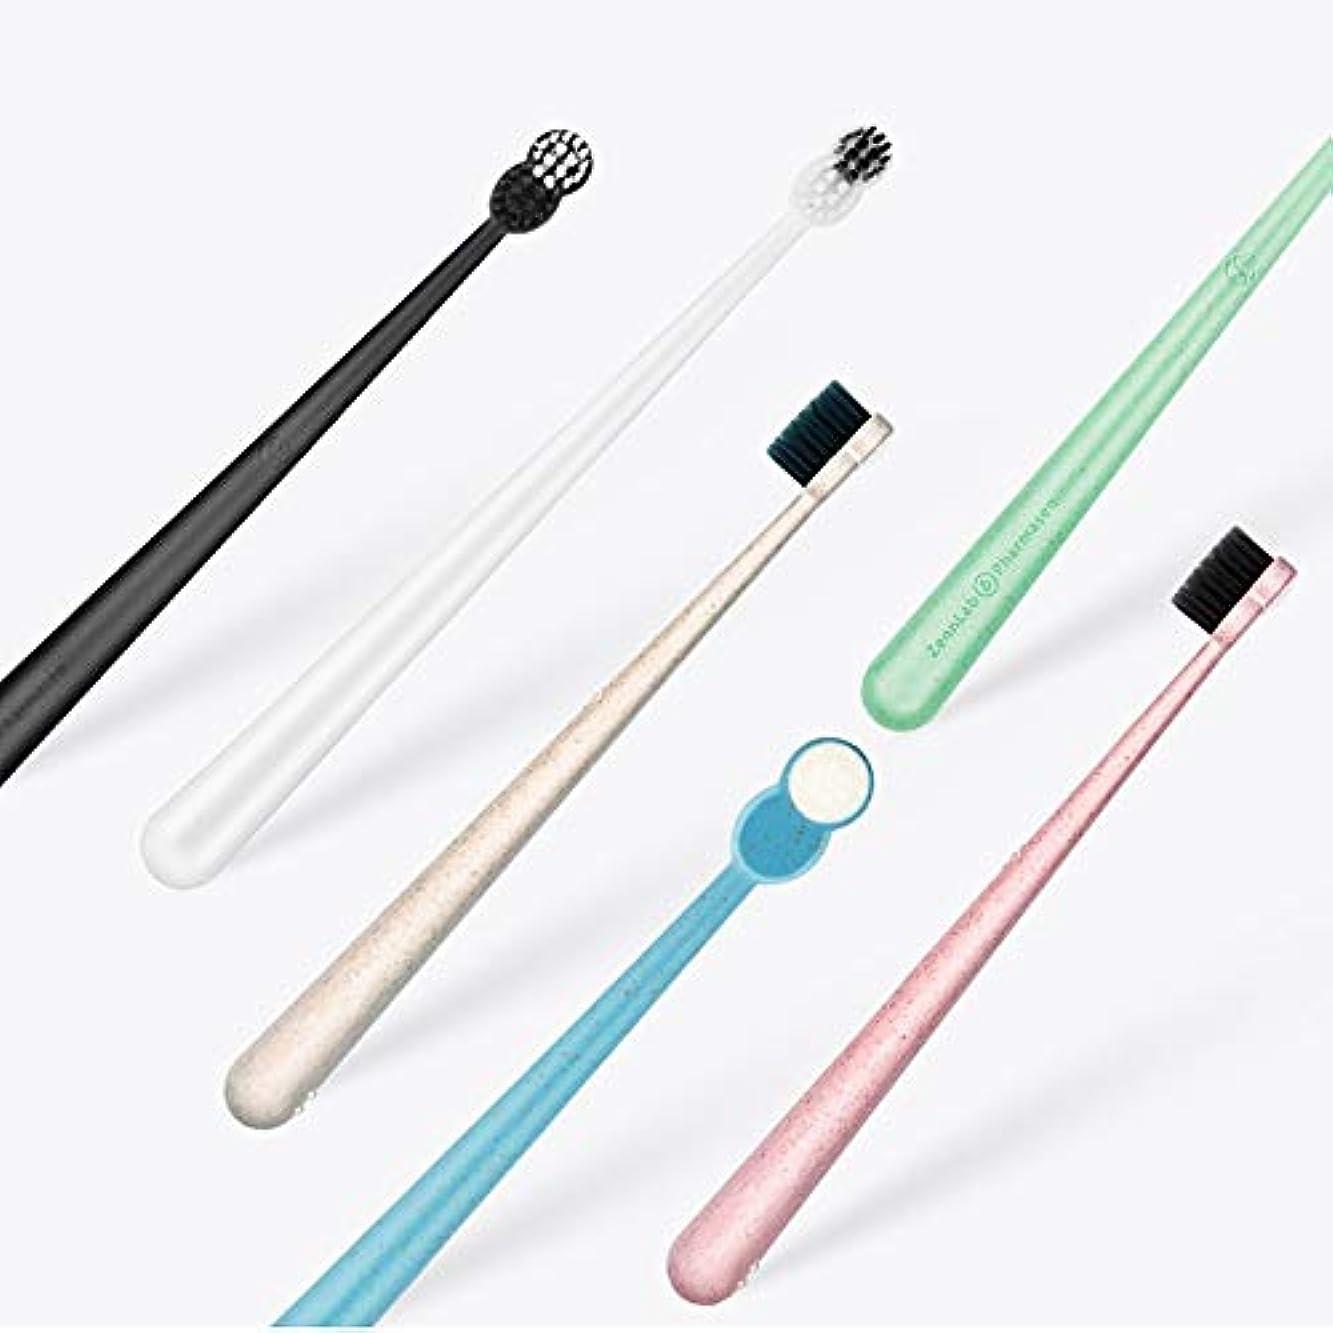 歯ブラシ 新竹炭歯ブラシ、大人バルク歯ブラシ、8ワード小さなブラシヘッド歯ブラシ - 6パック HL (サイズ : 12 packs)